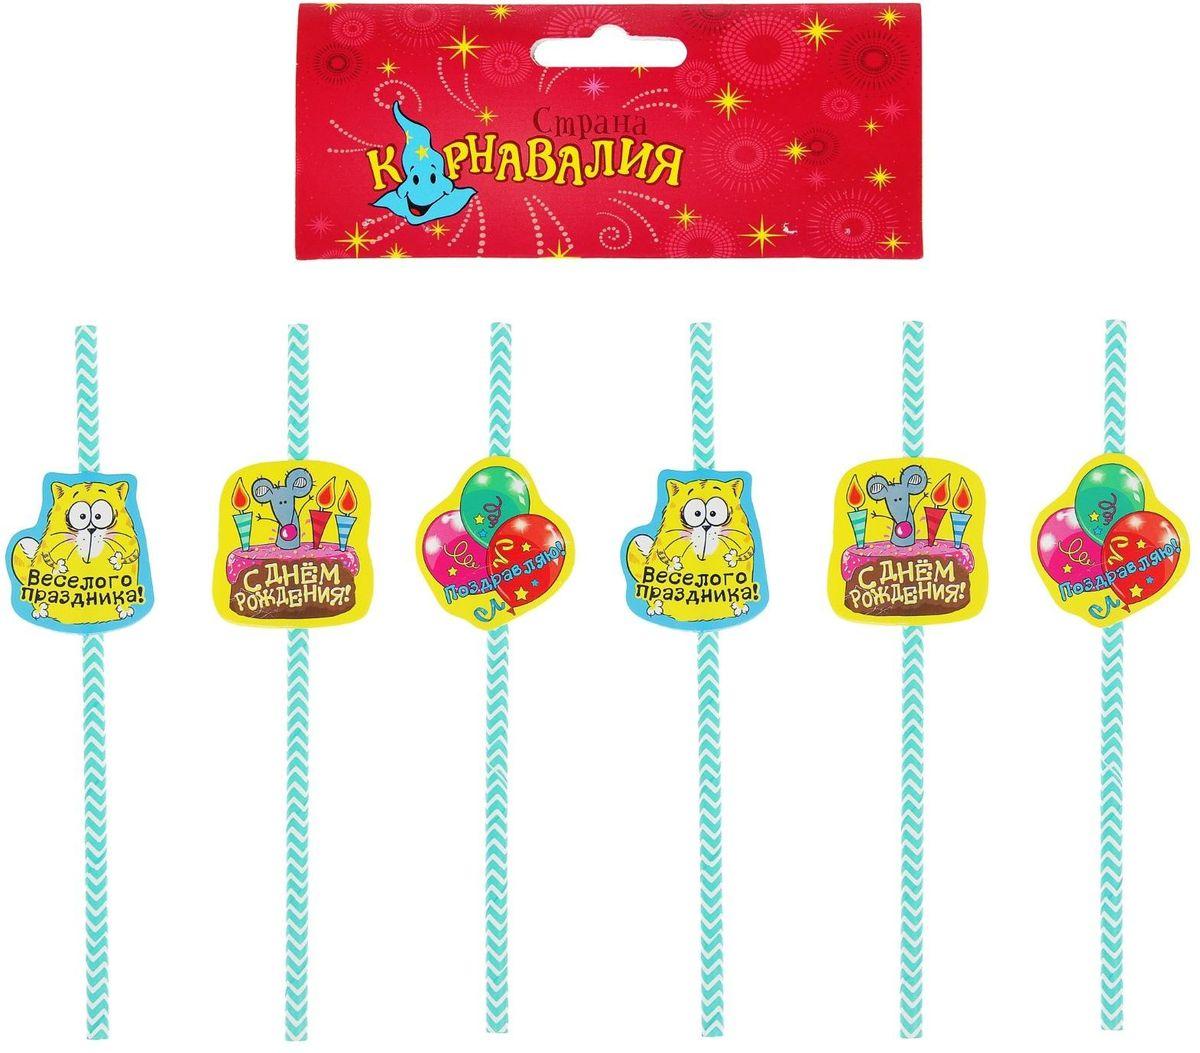 Страна Карнавалия Трубочка для коктейля С днем рождения набор 6 шт 864809 страна карнавалия набор трубочек для коктейля веселый праздник 2 шт